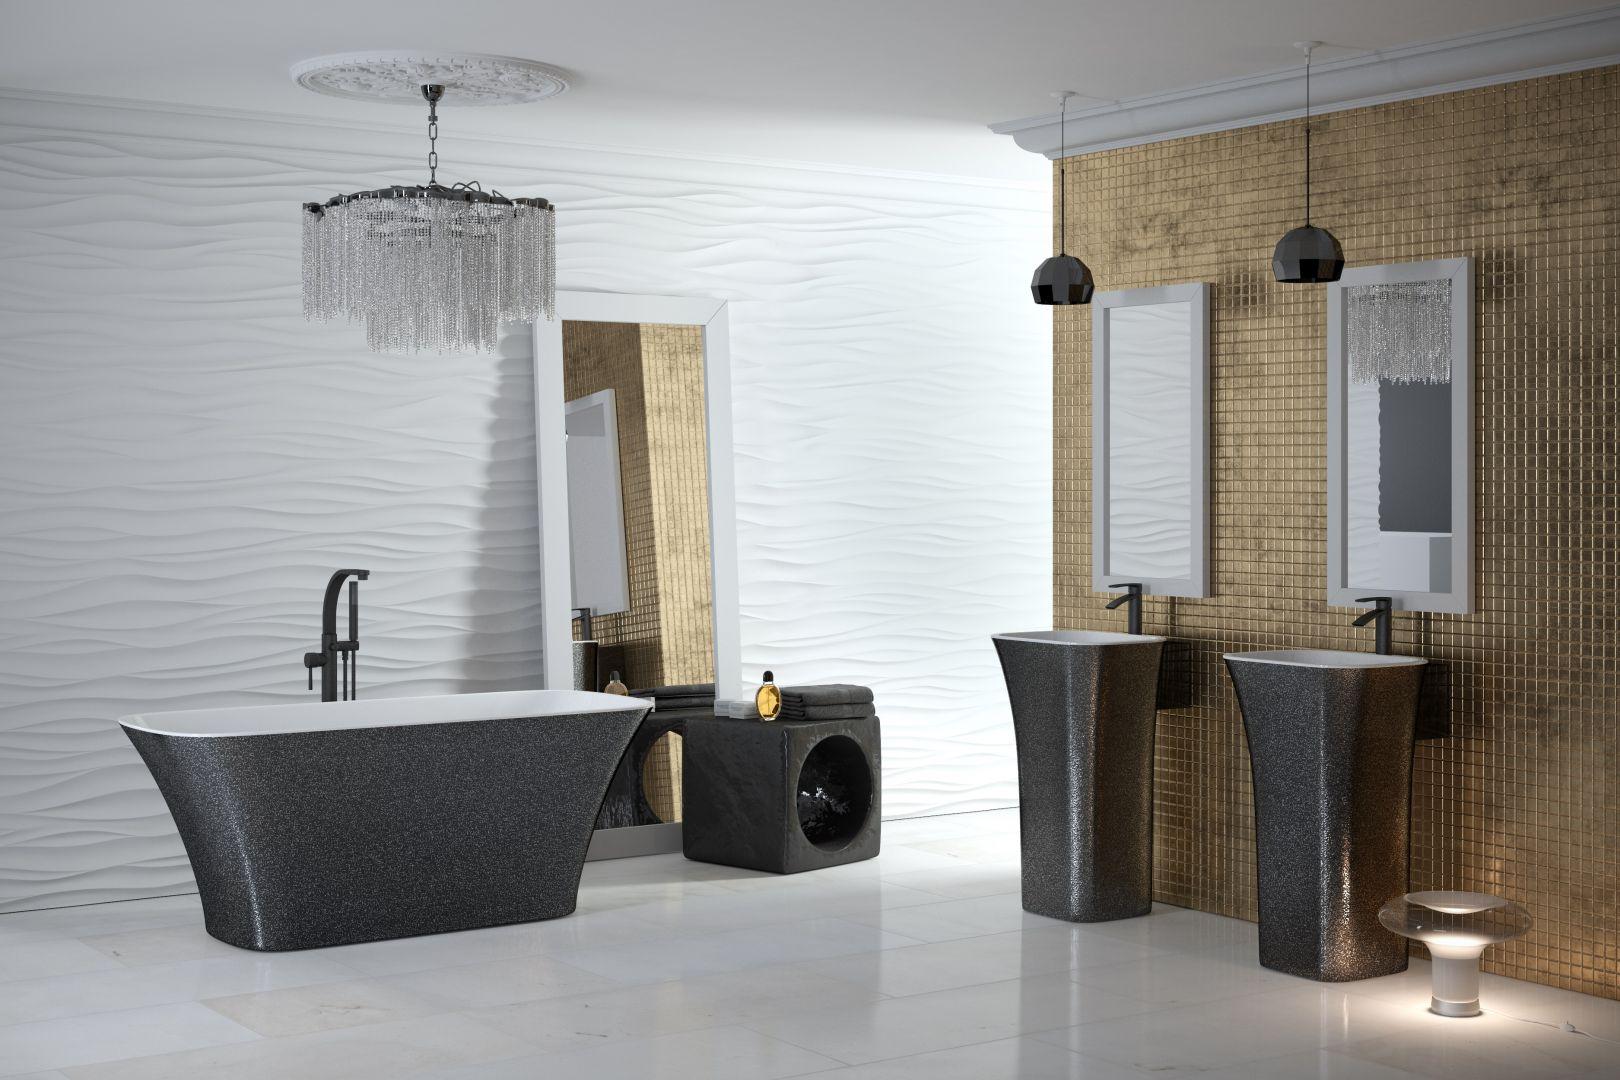 Wykonane z odlewu mineralnego umywalki wolnostojące z serii Assos dostępne są w wykończeniu Besco Glam w kolorach złotym, srebrnym i grafitowym. Fot. Besco